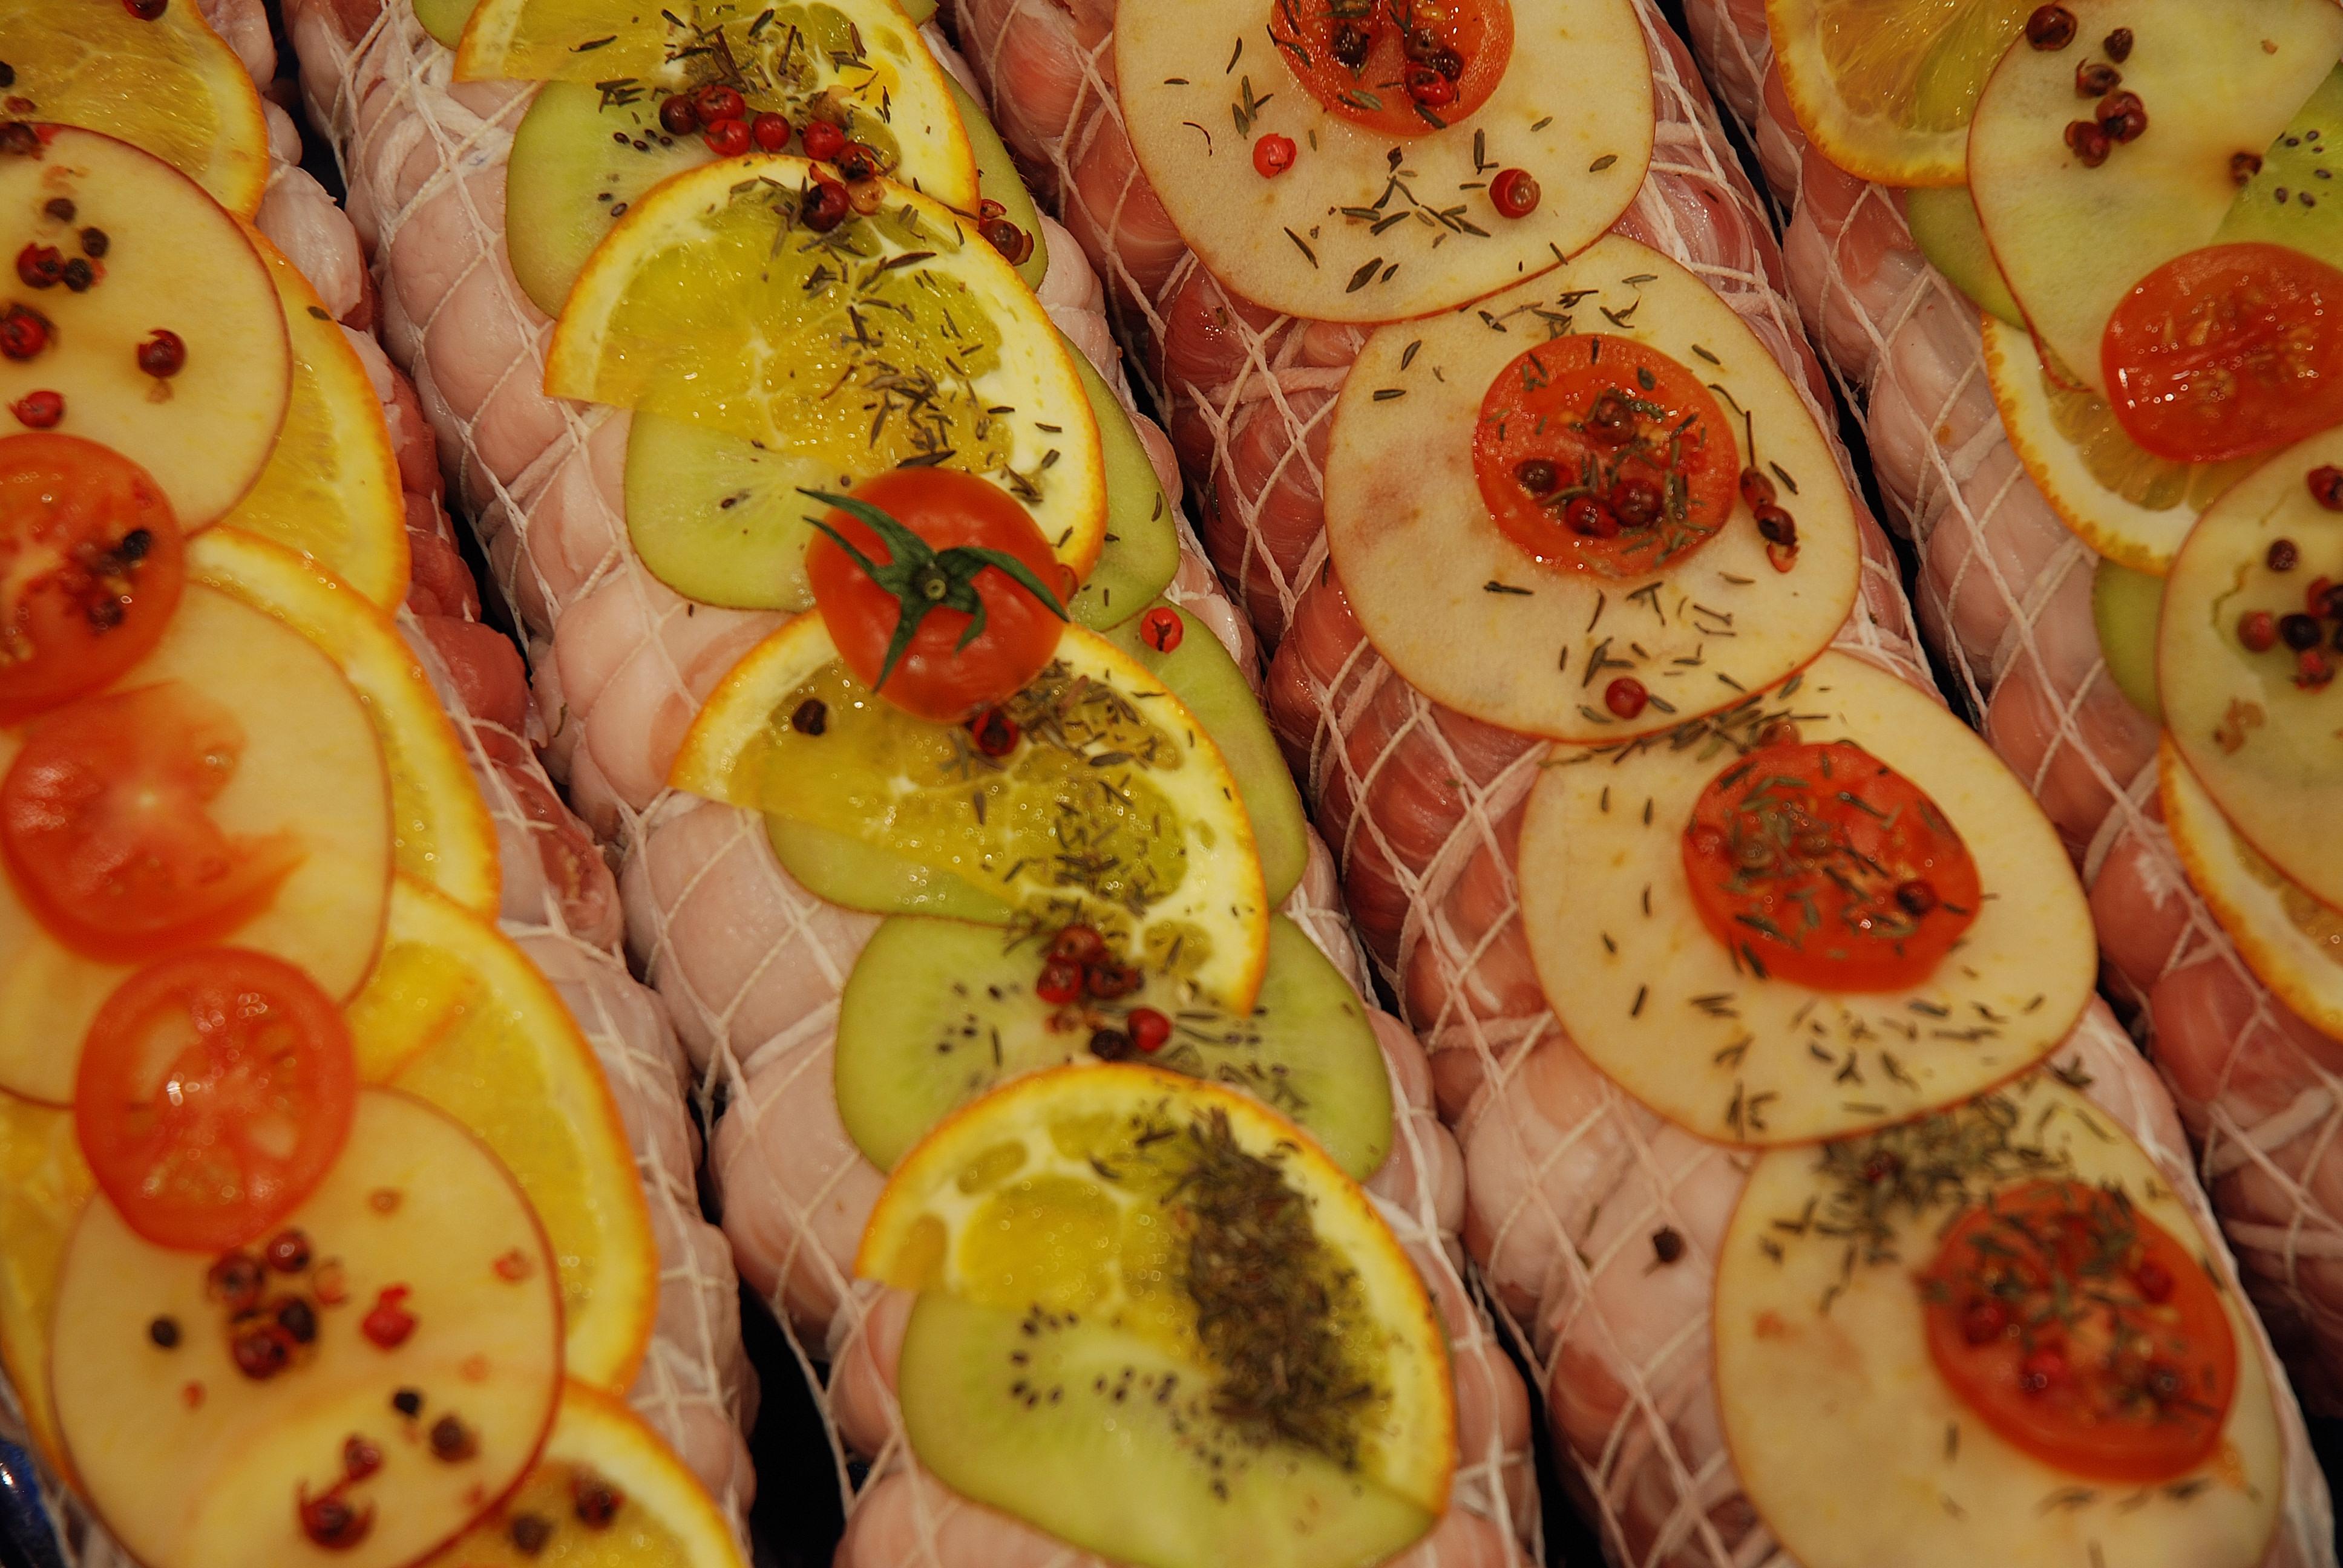 Solomillo de cerdo relleno artecarnesana for Cocinar solomillo ternera